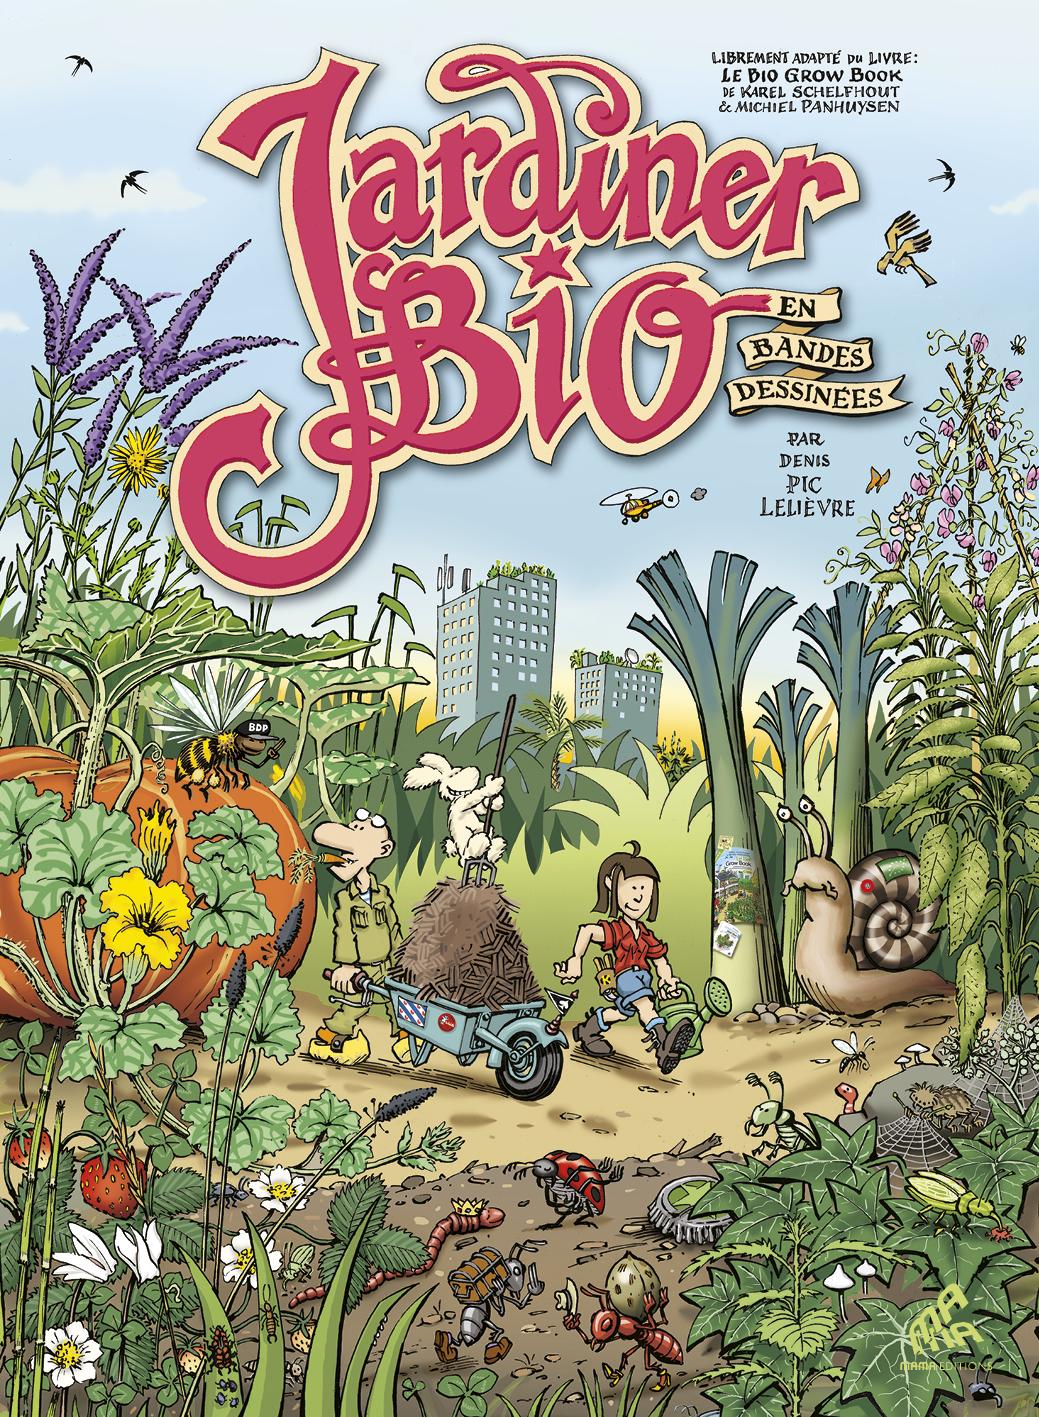 jardinerbioenbd